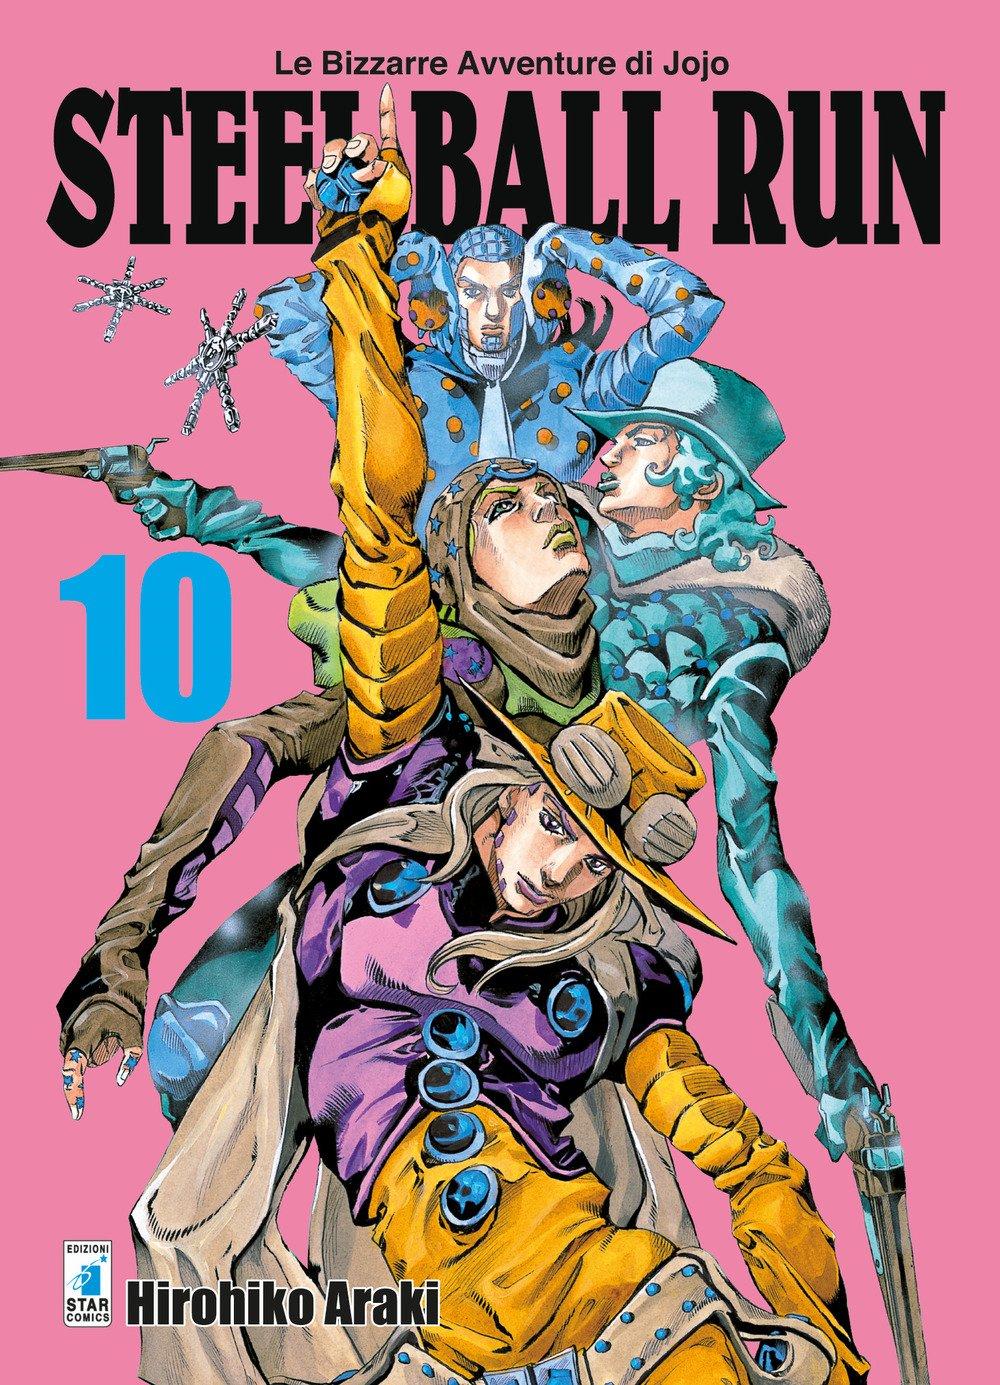 Steel ball run. Le bizzarre avventure di Jojo. Vol. 10